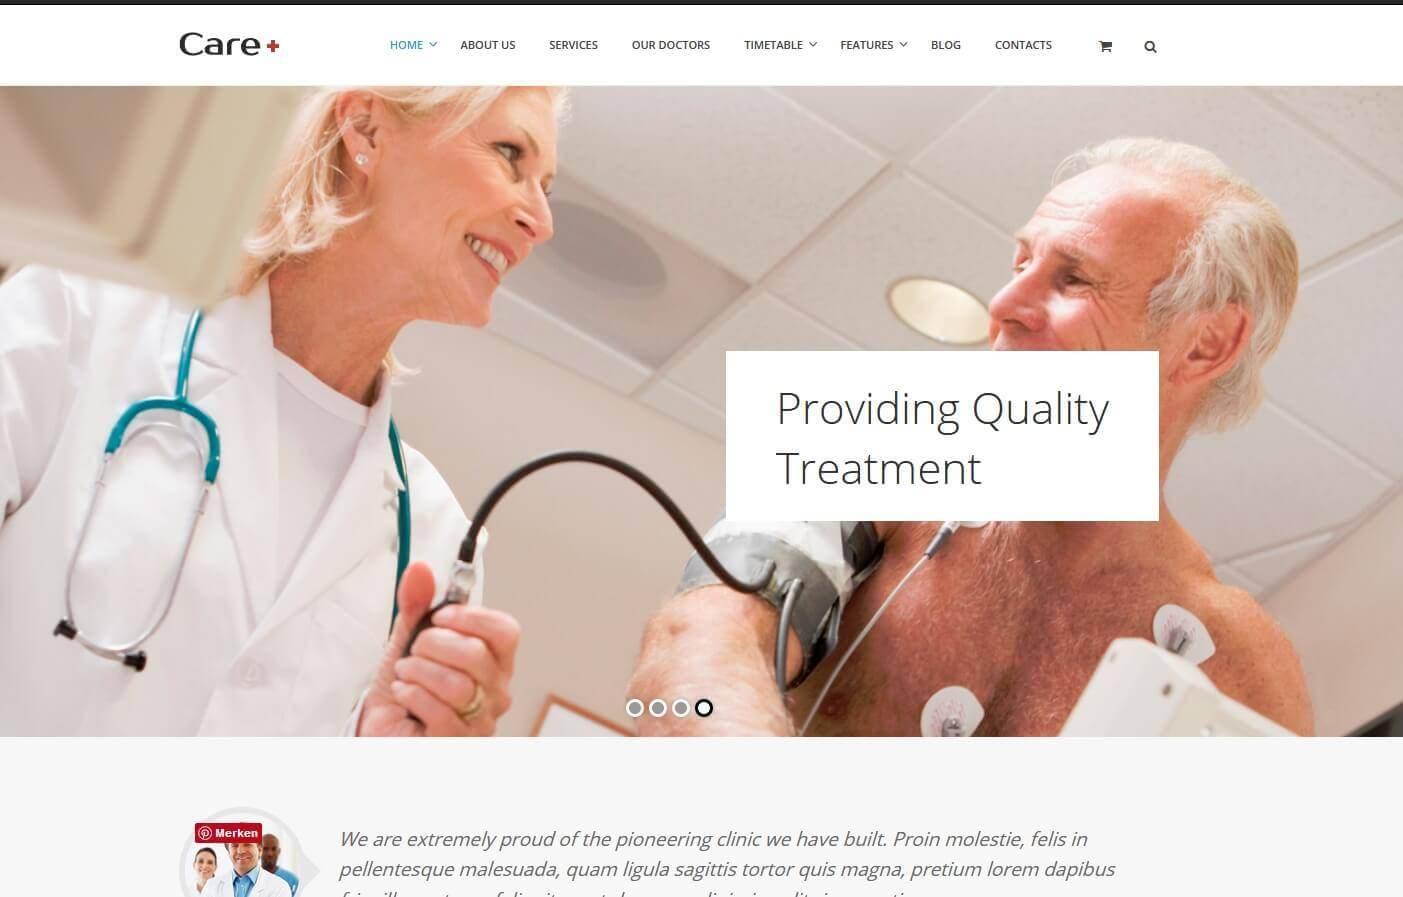 webseite für eine klinik